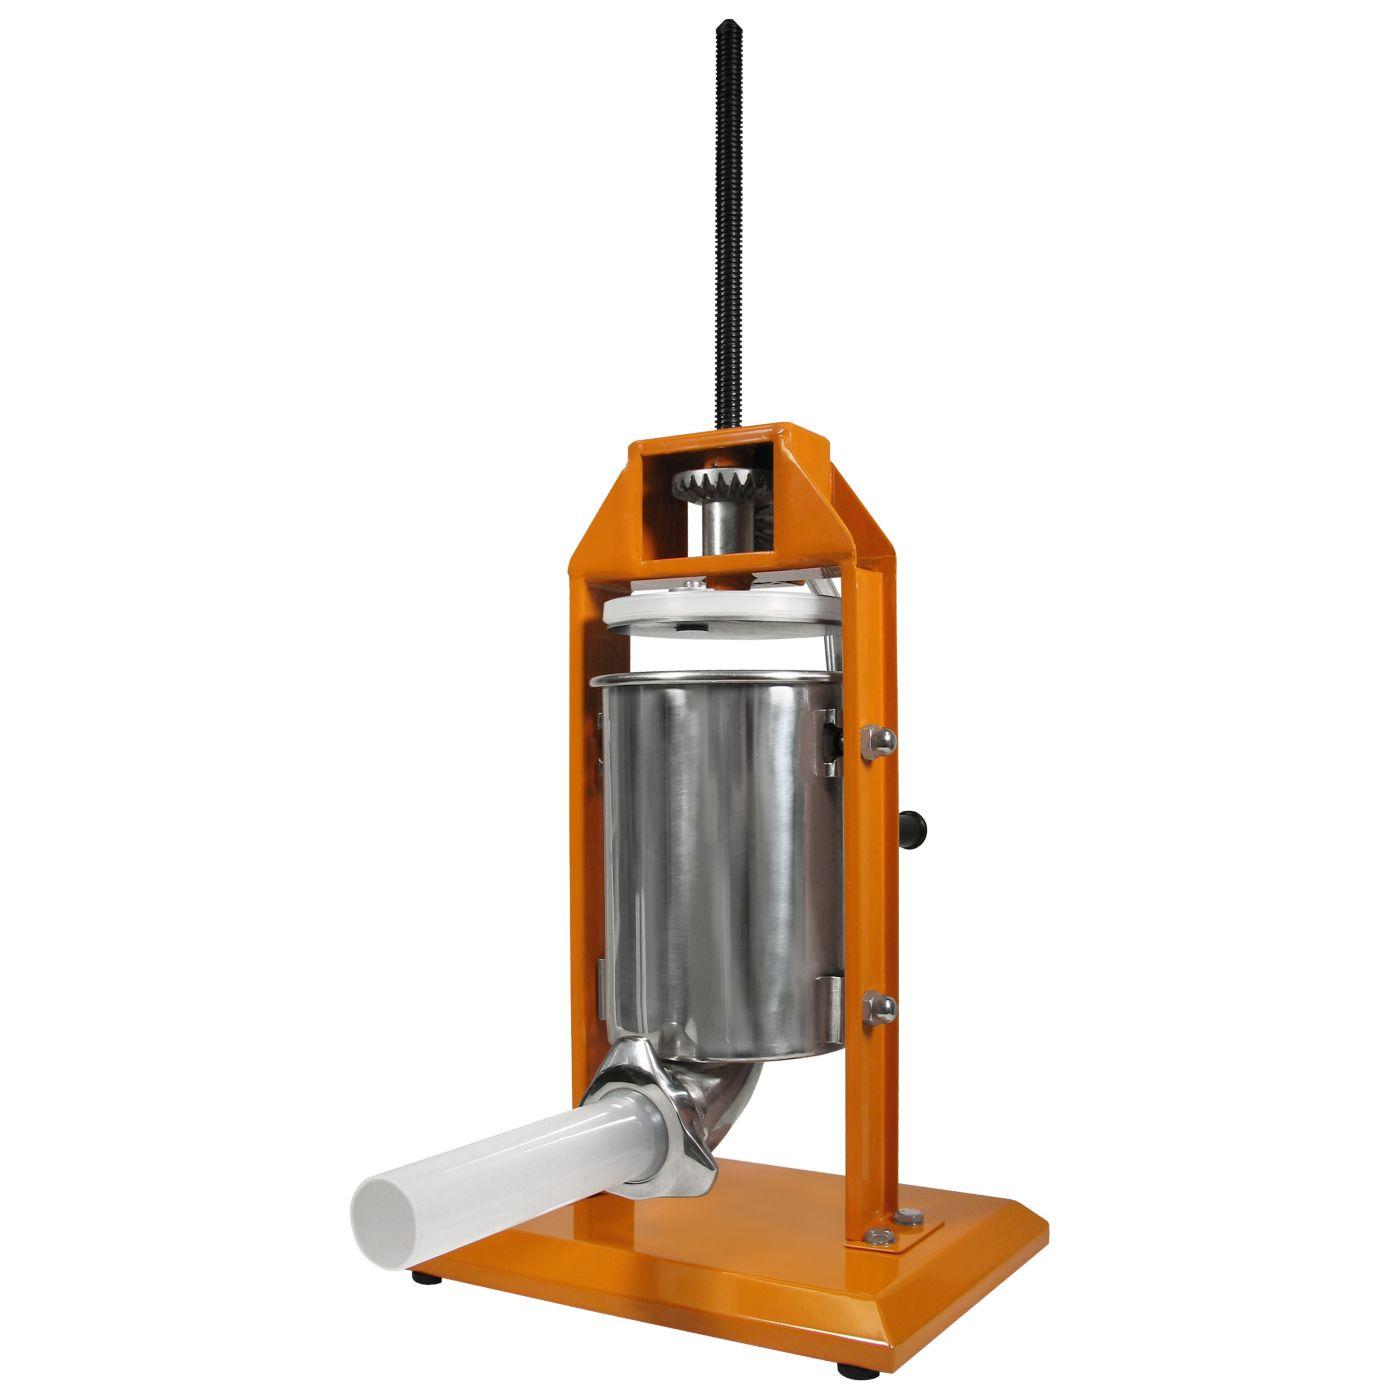 Weston 5 lb Capacity Manual Vertical Stuffer